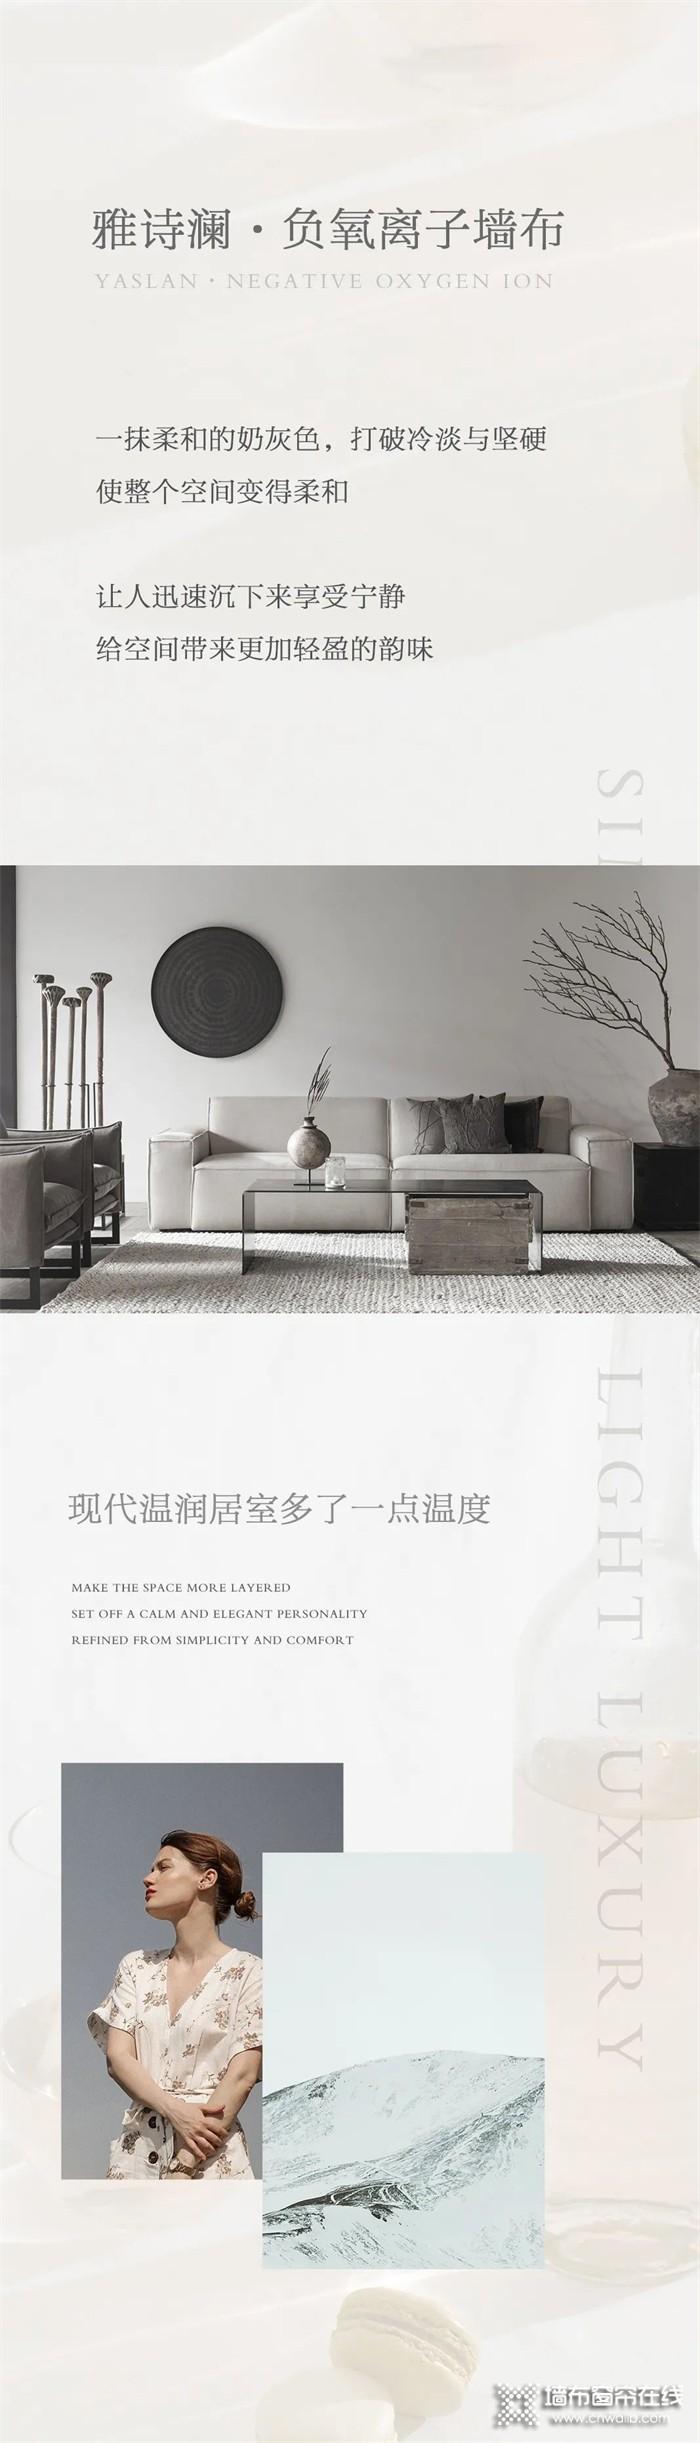 温润色流转于居室——雅诗澜墙布窗帘雕刻轻盈时光